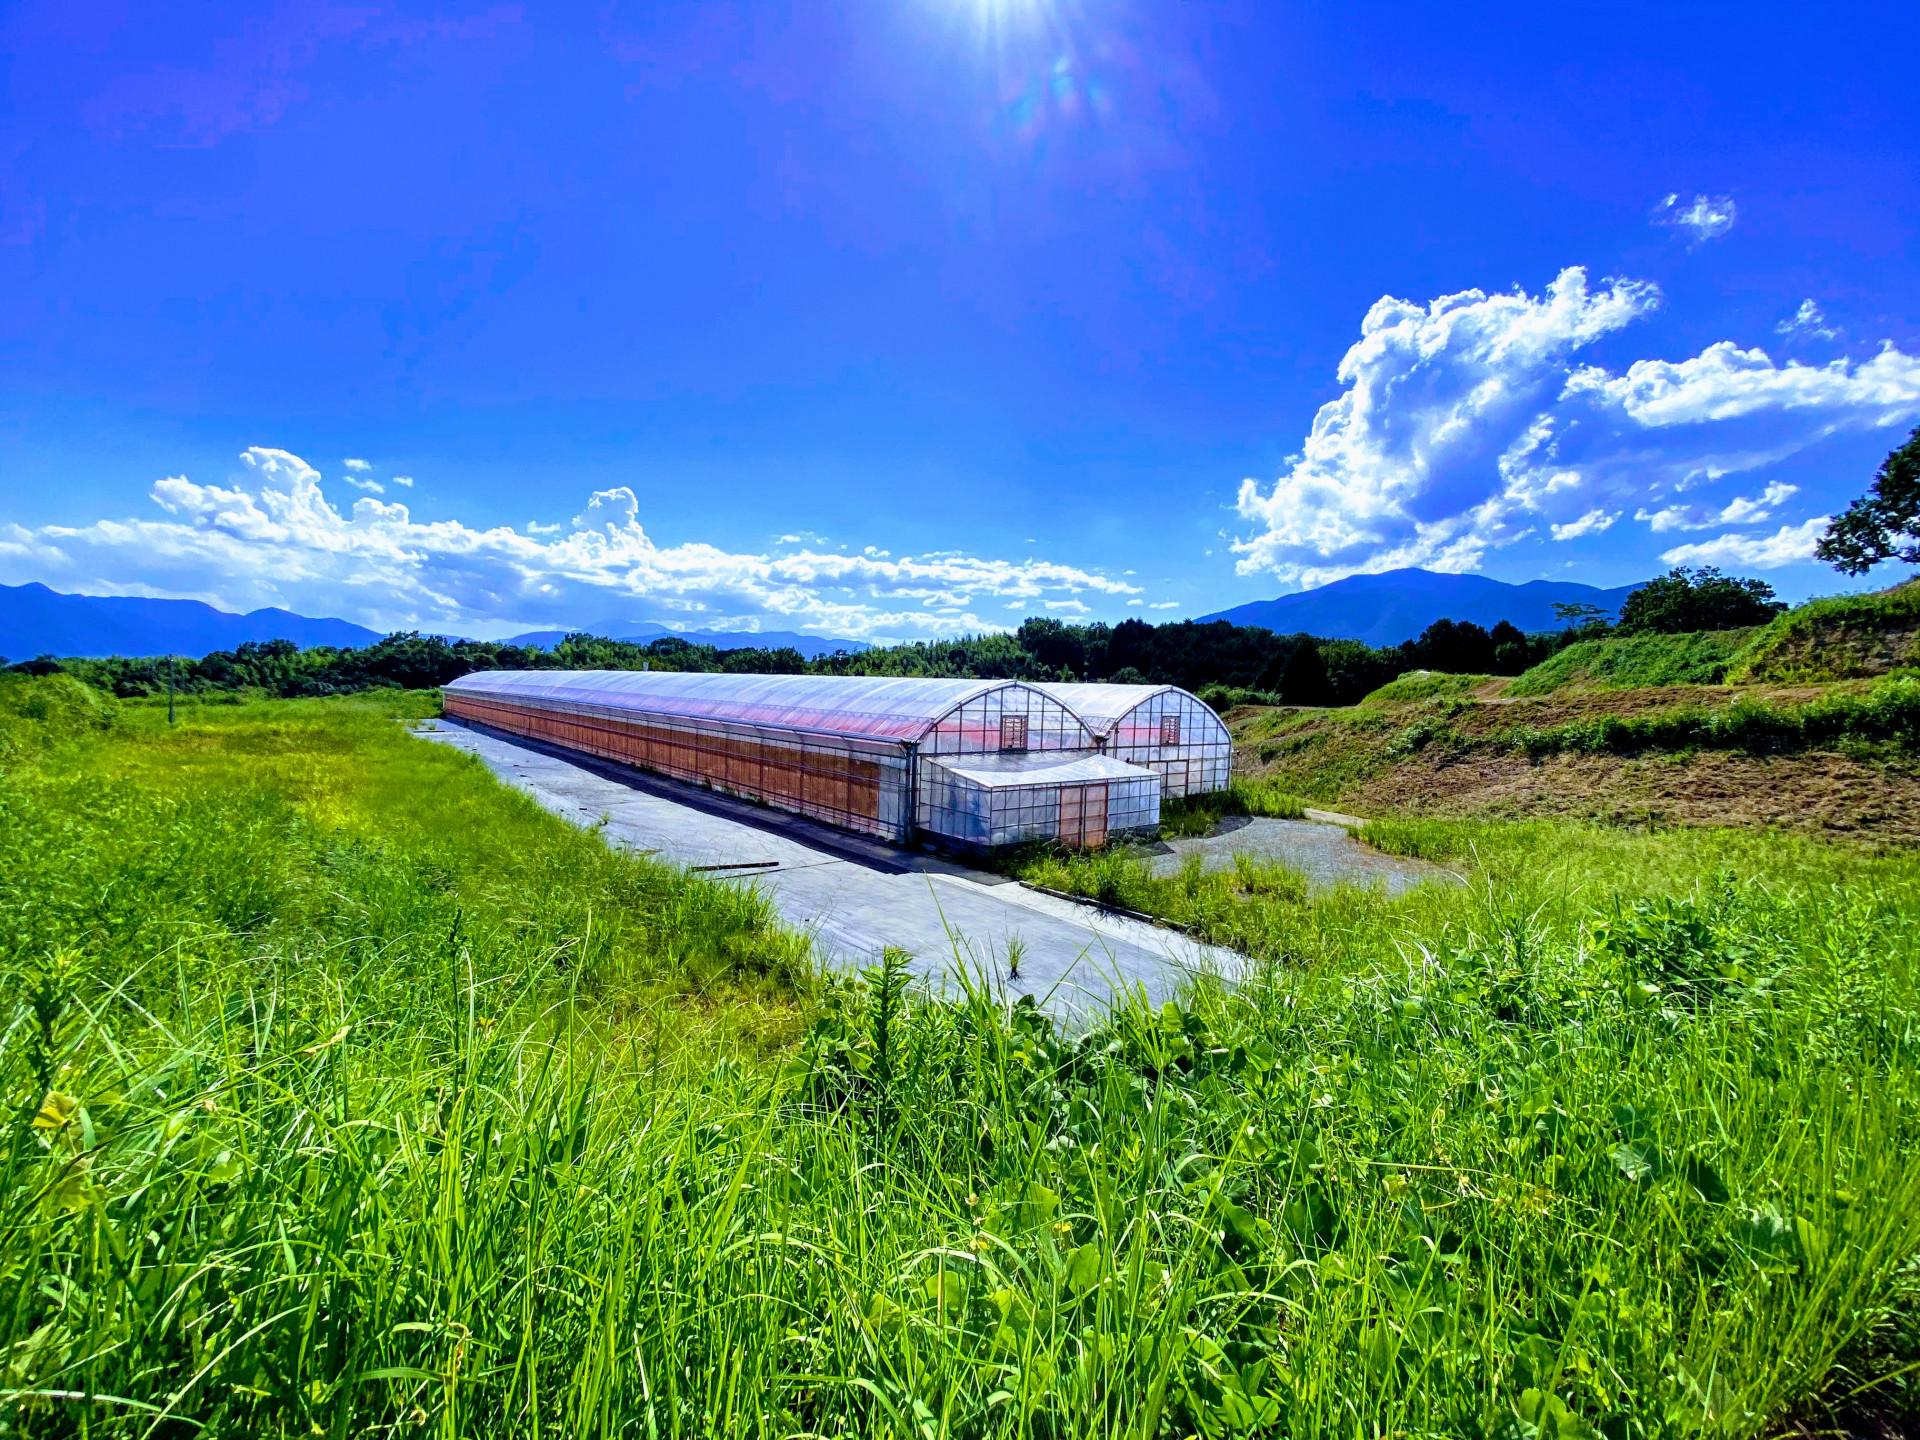 世界一「心ときめく」チャレンジができる場所。農業を中心に広がる未来。